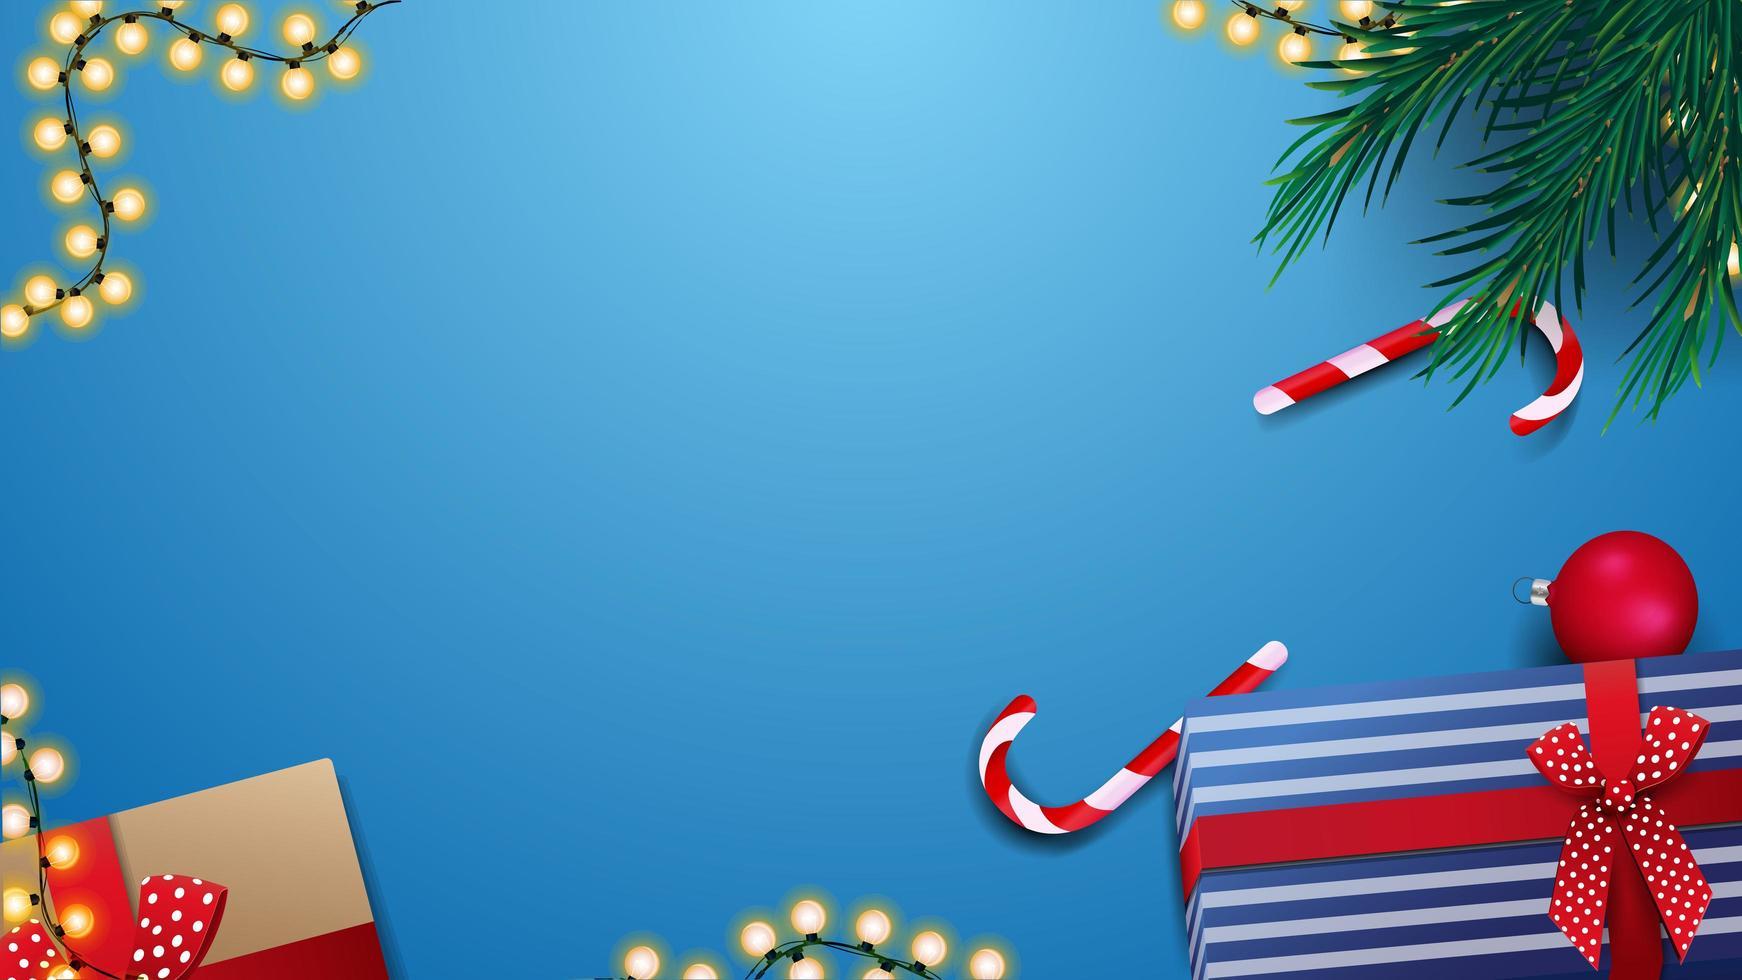 Geschenke, Zuckerstangen, Weihnachtsbaumzweig und Girlande auf blauem Tisch, Draufsicht. Hintergrund für Rabattbanner oder Grußpostkarte vektor